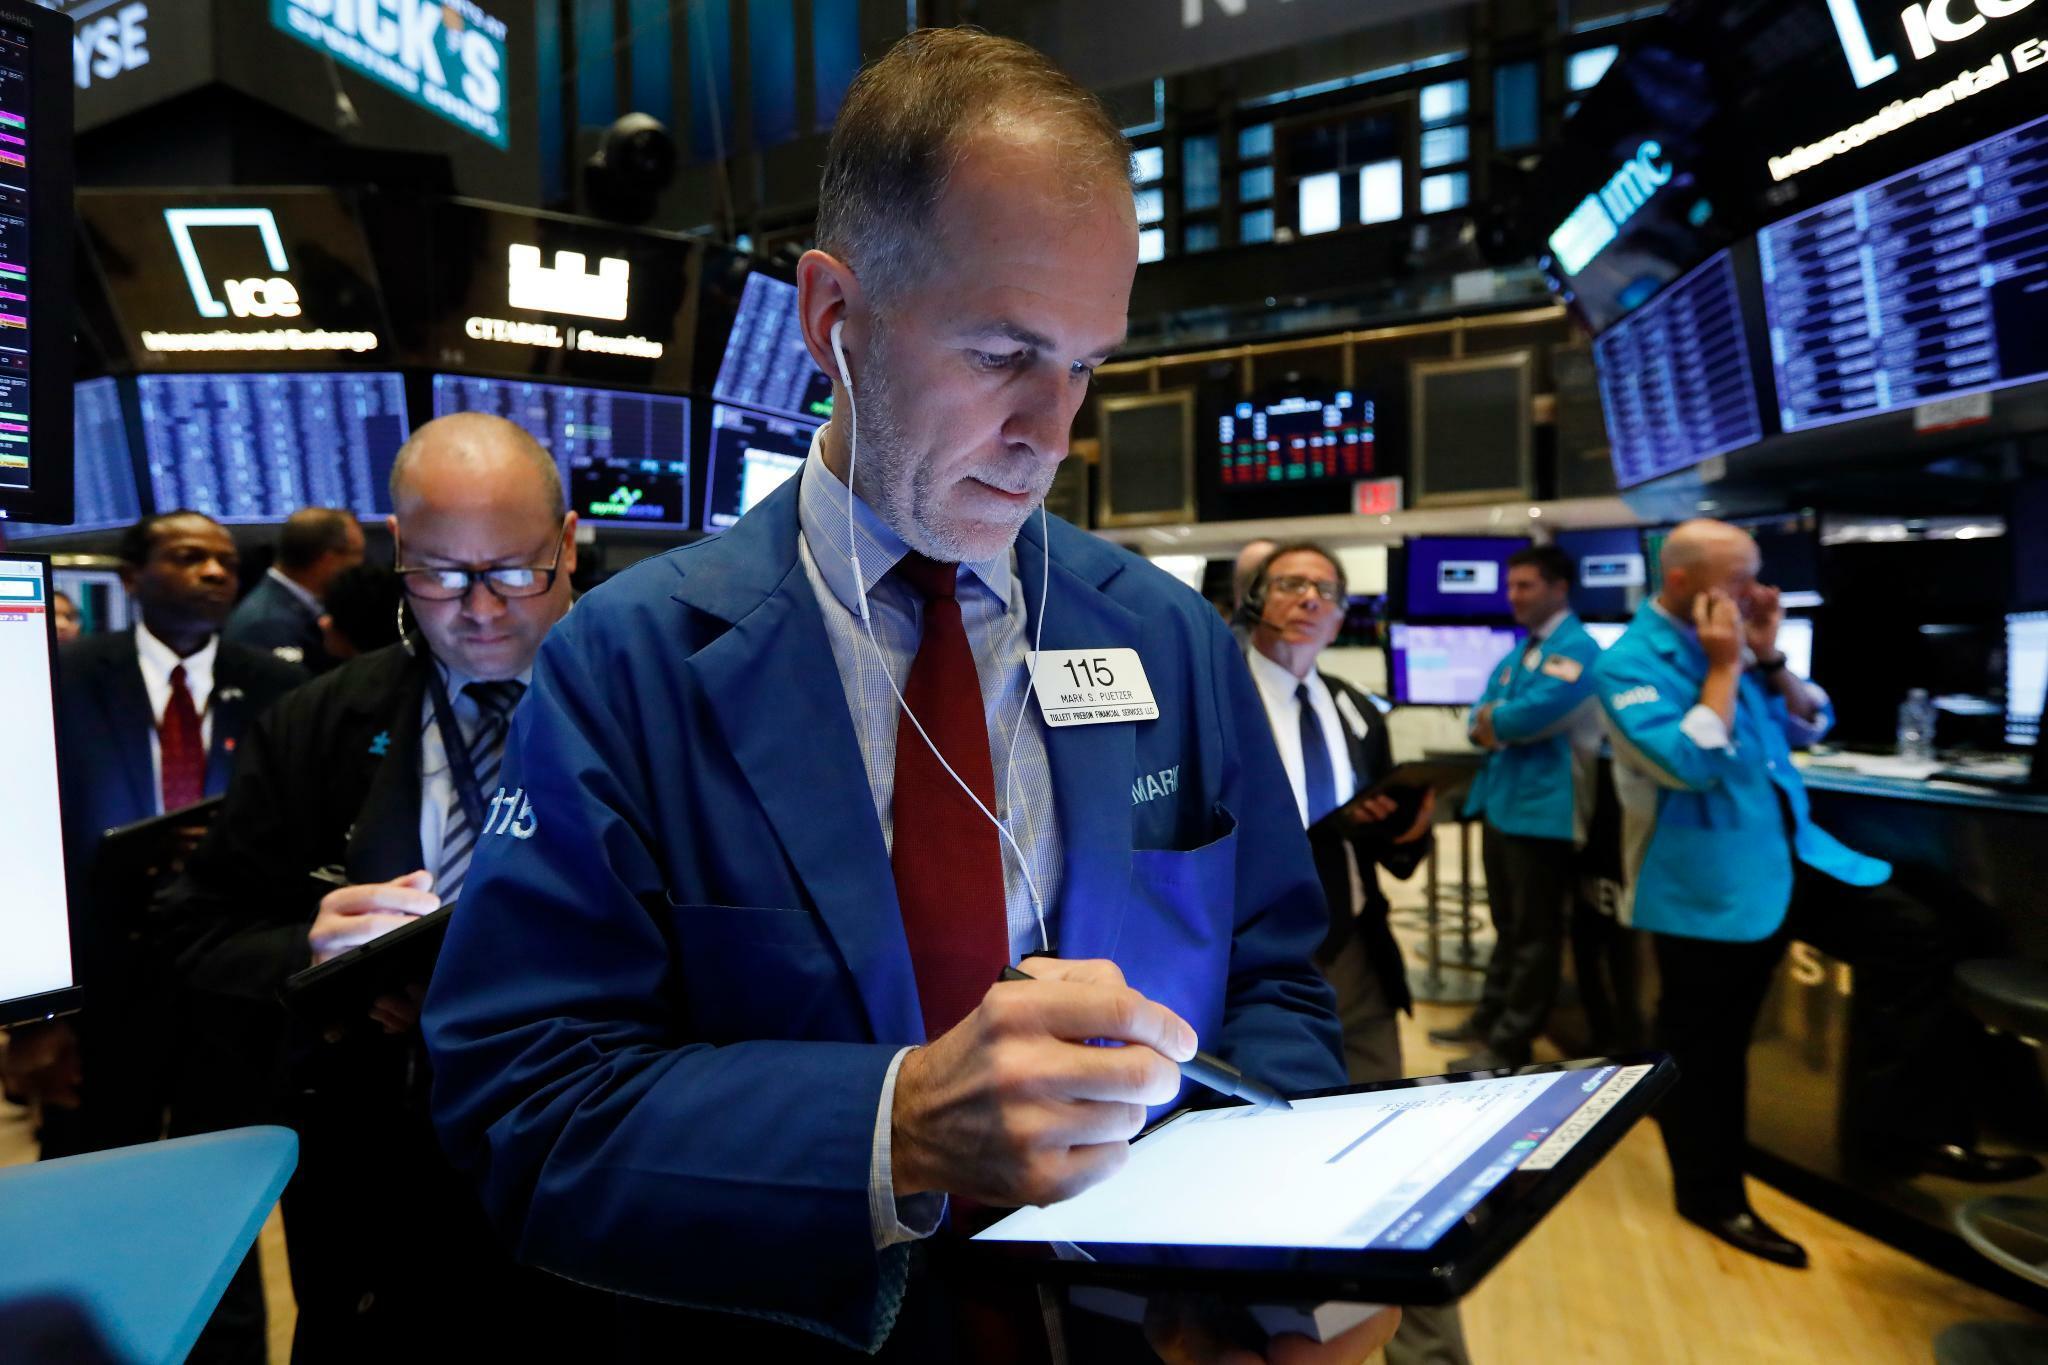 Dow Jones, Nasdaq, S&P 500: Einzelhandelsumsatz enttäuscht - US-Märkte starten im Minus